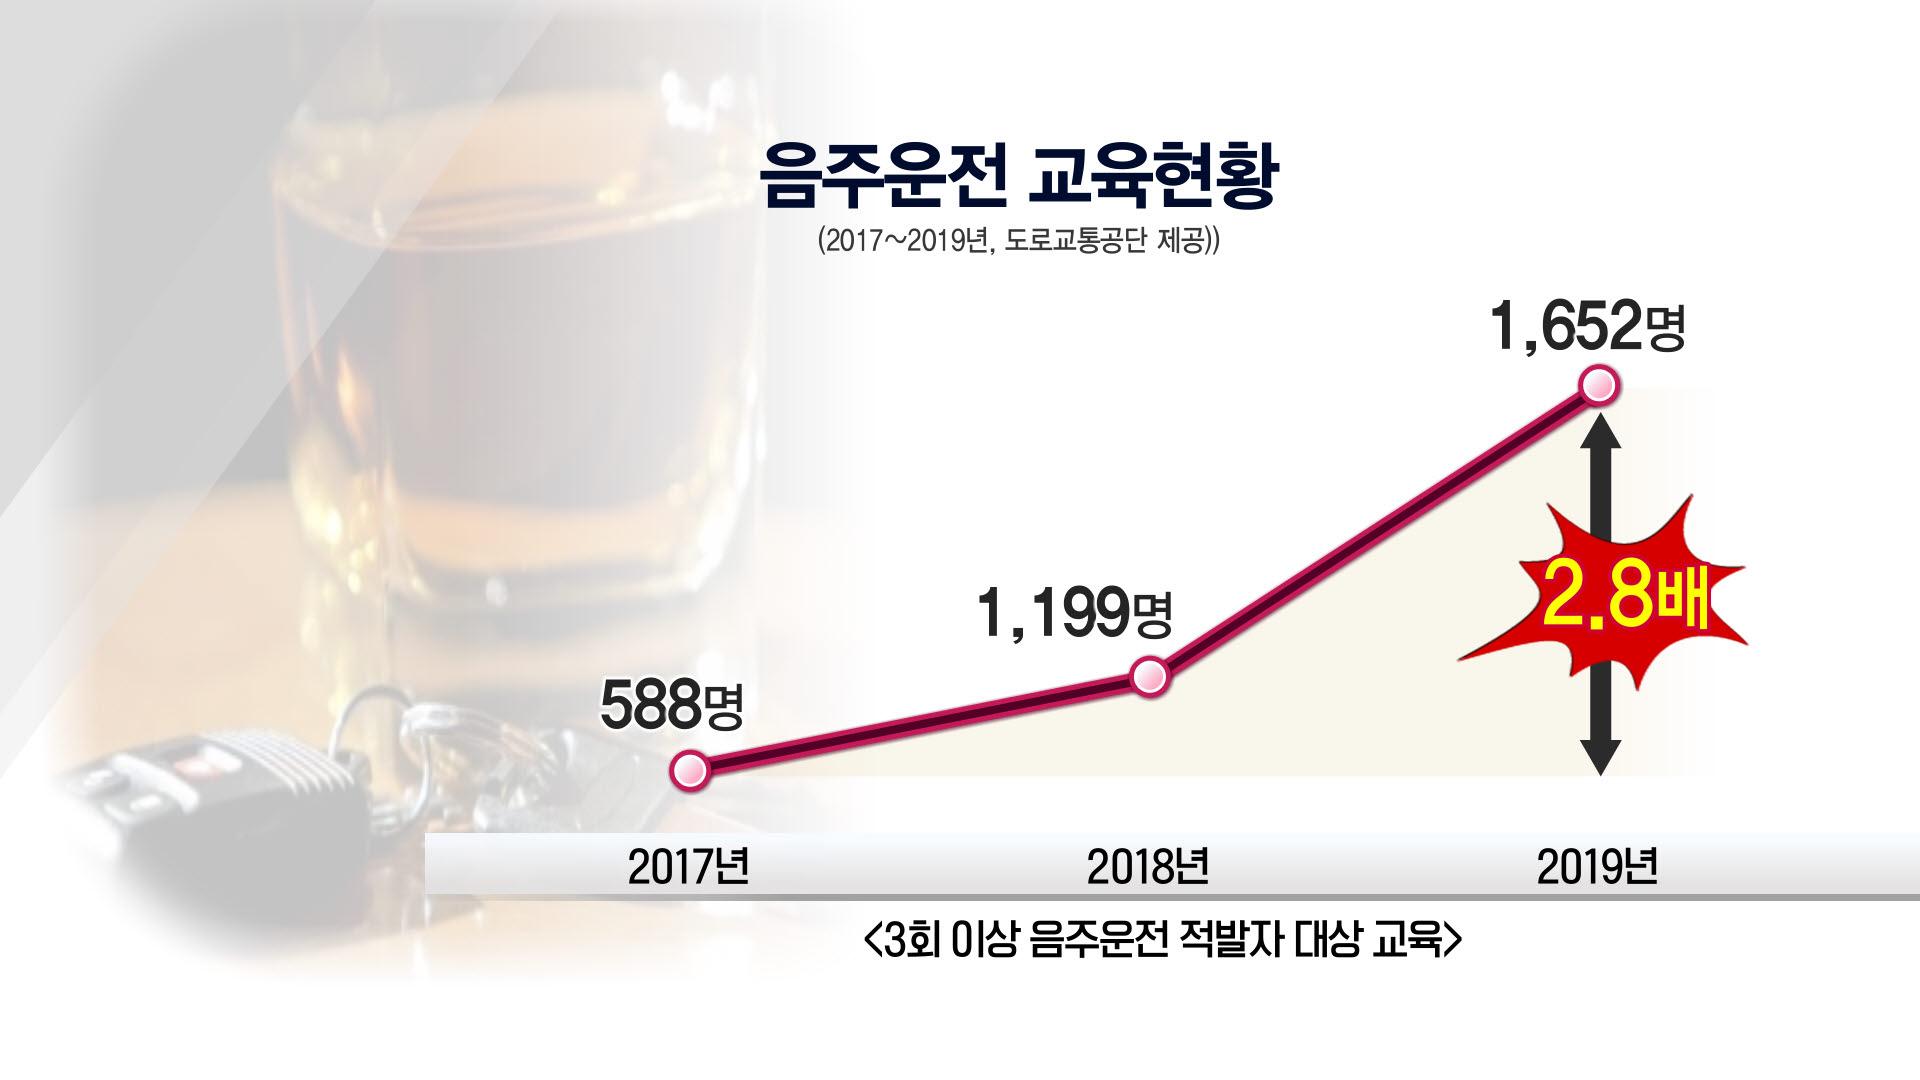 상습 음주운전자 교육현황<2017~2019년, 도로교통공단 제공>